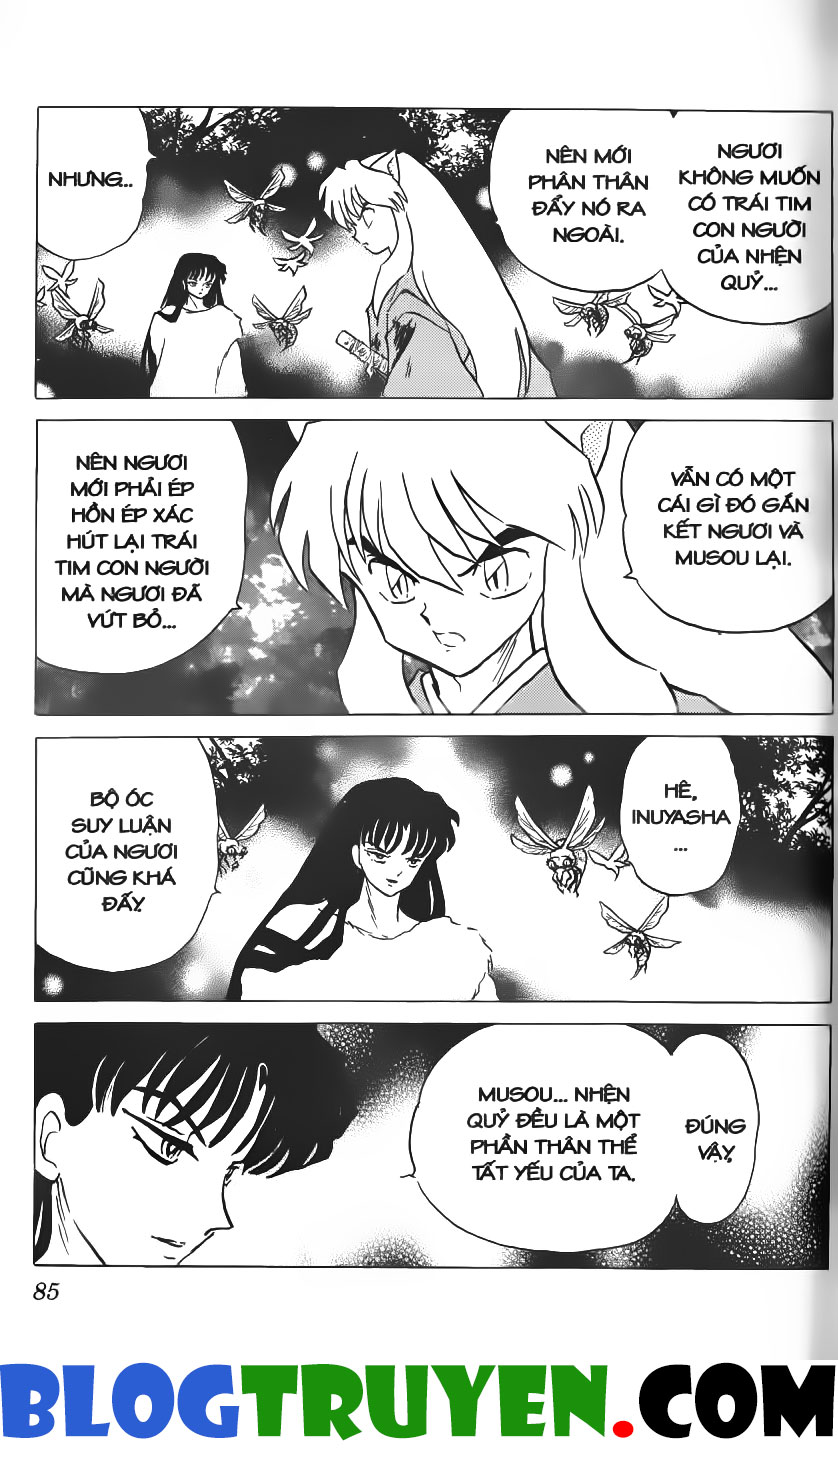 Inuyasha vol 22.5 trang 10